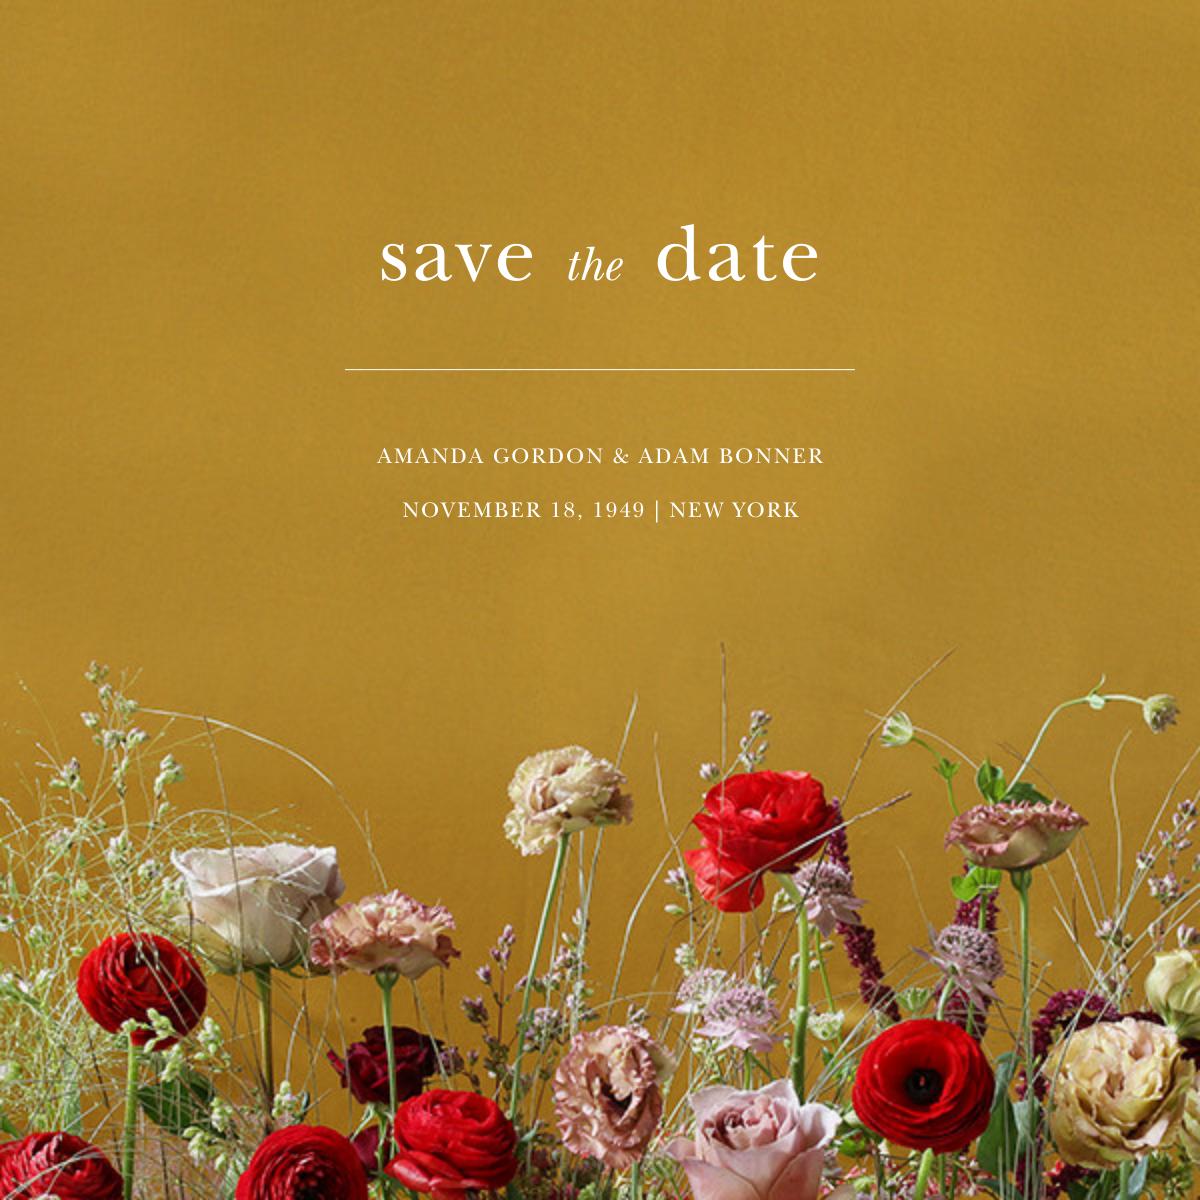 Germinal (Save the Date) - Putnam & Putnam - Save the date